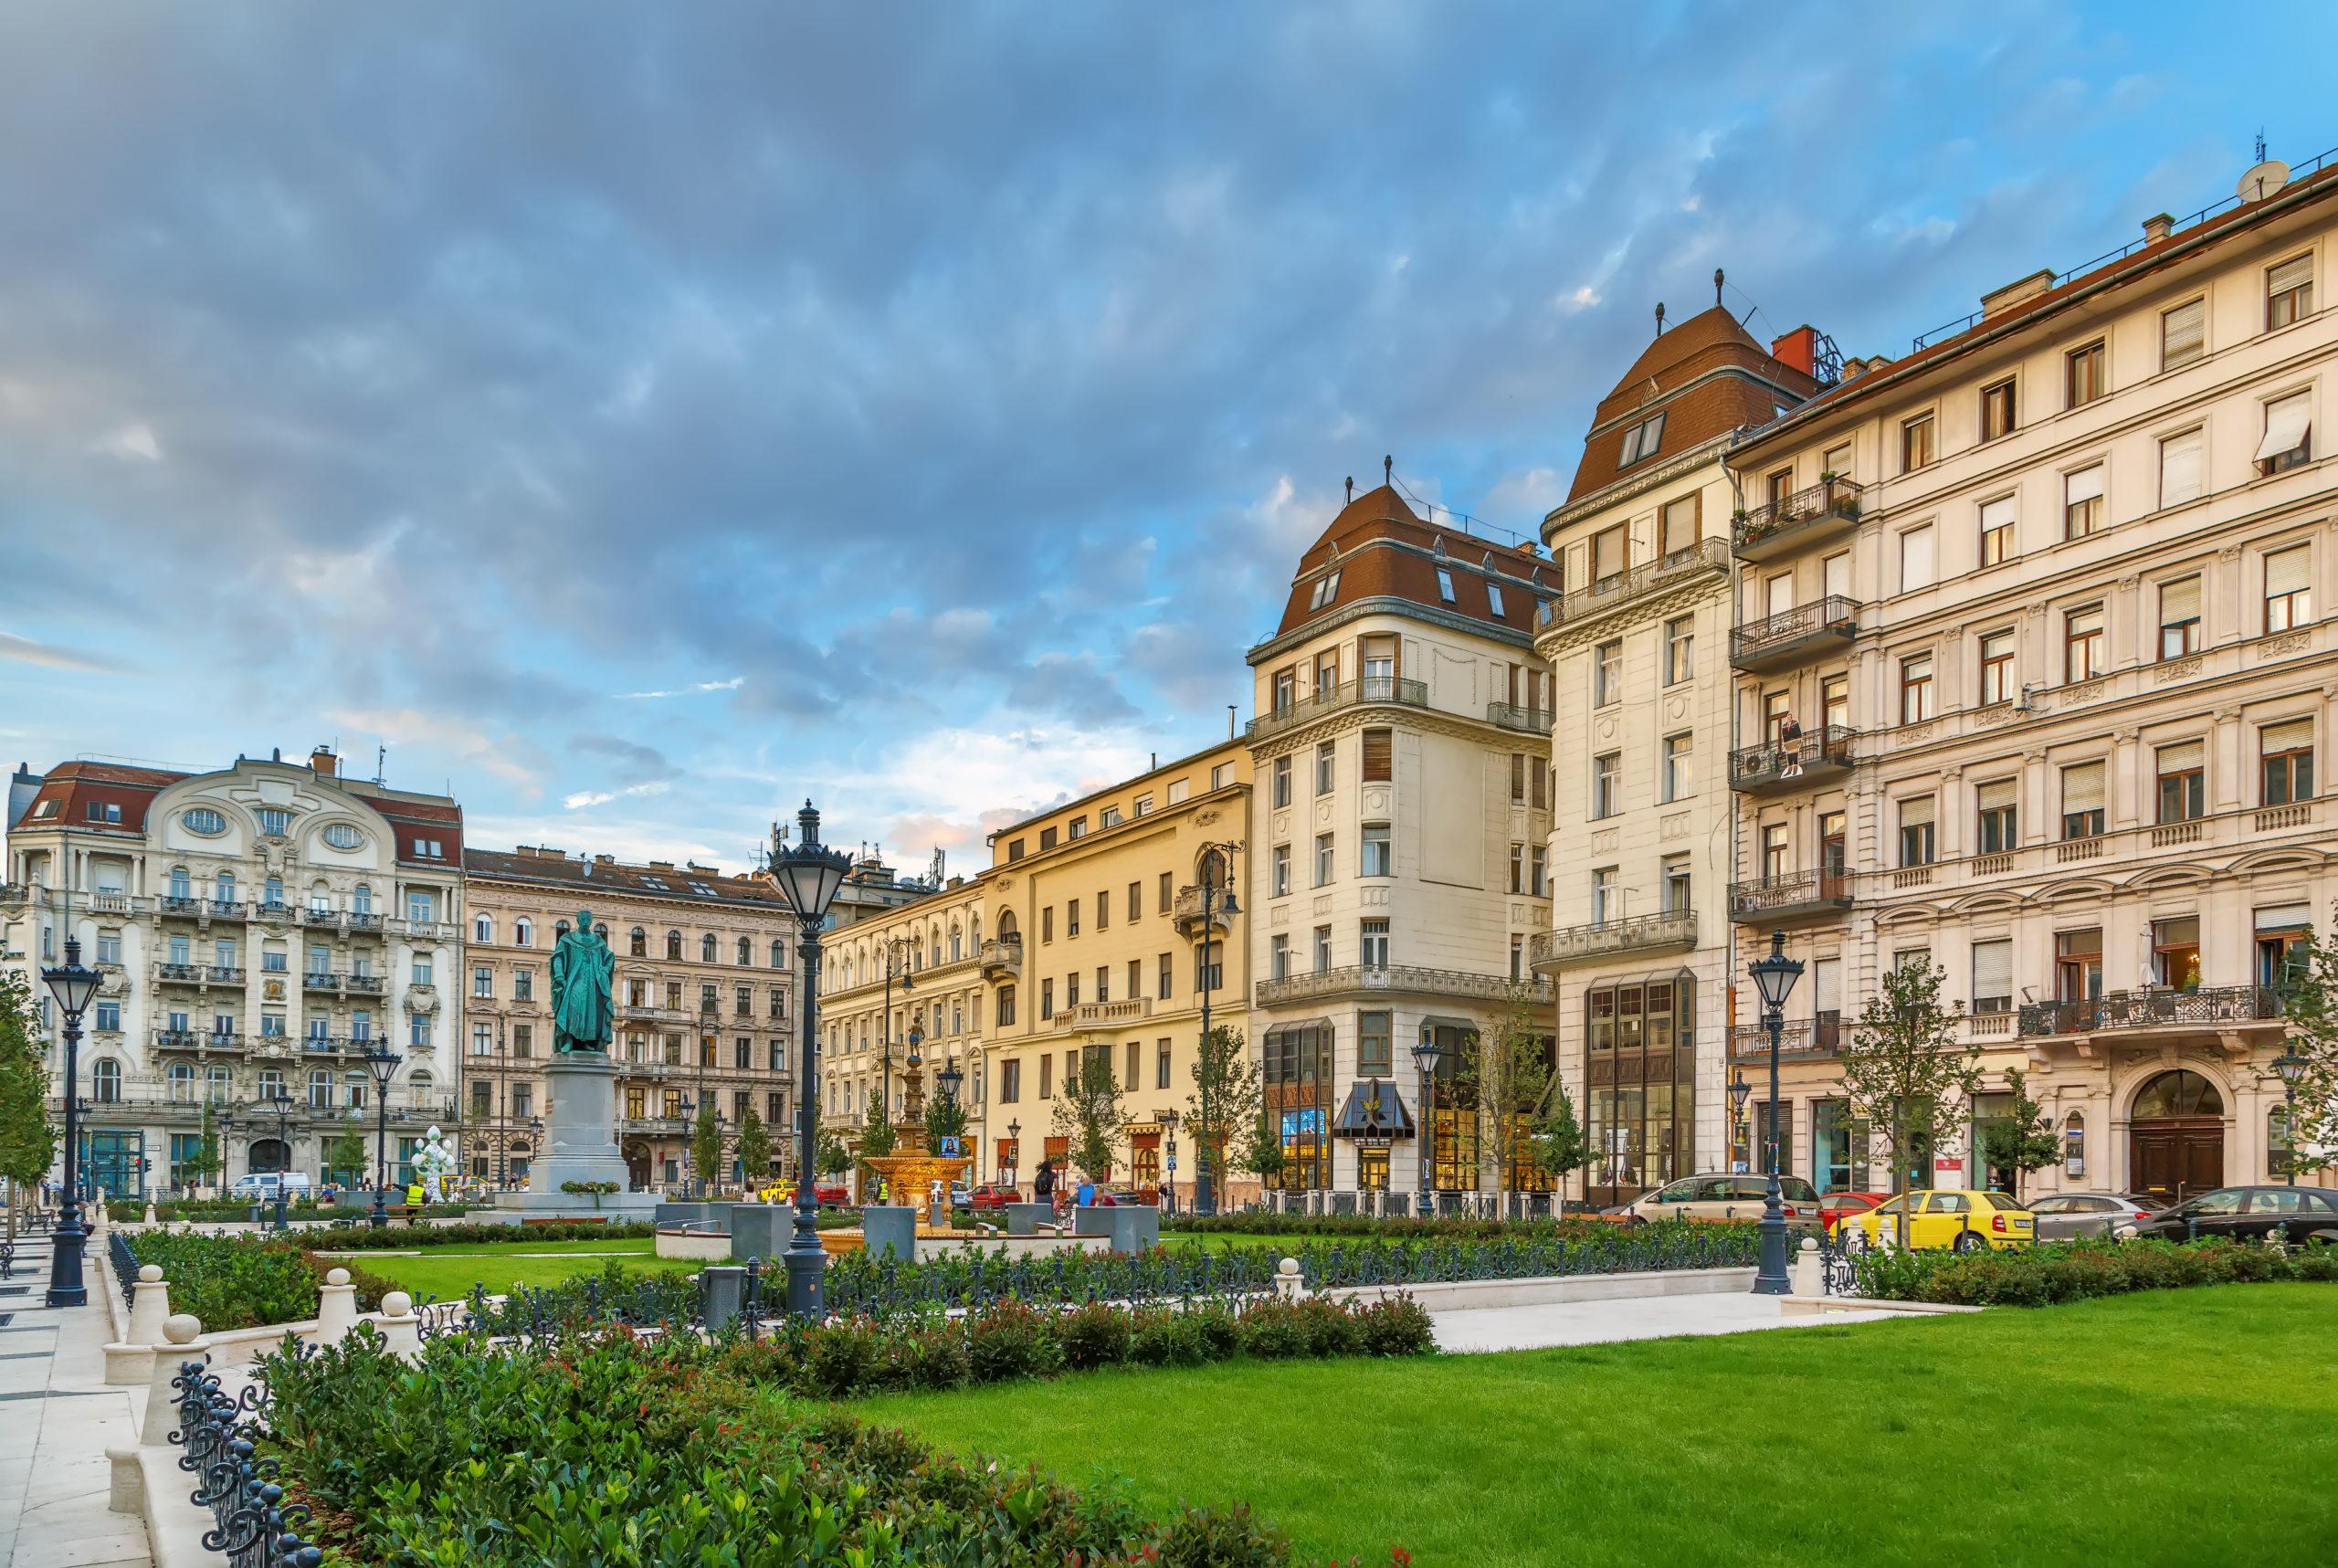 Társasházkezelés és közös képviselet Budapest belvárosi társasházak számára